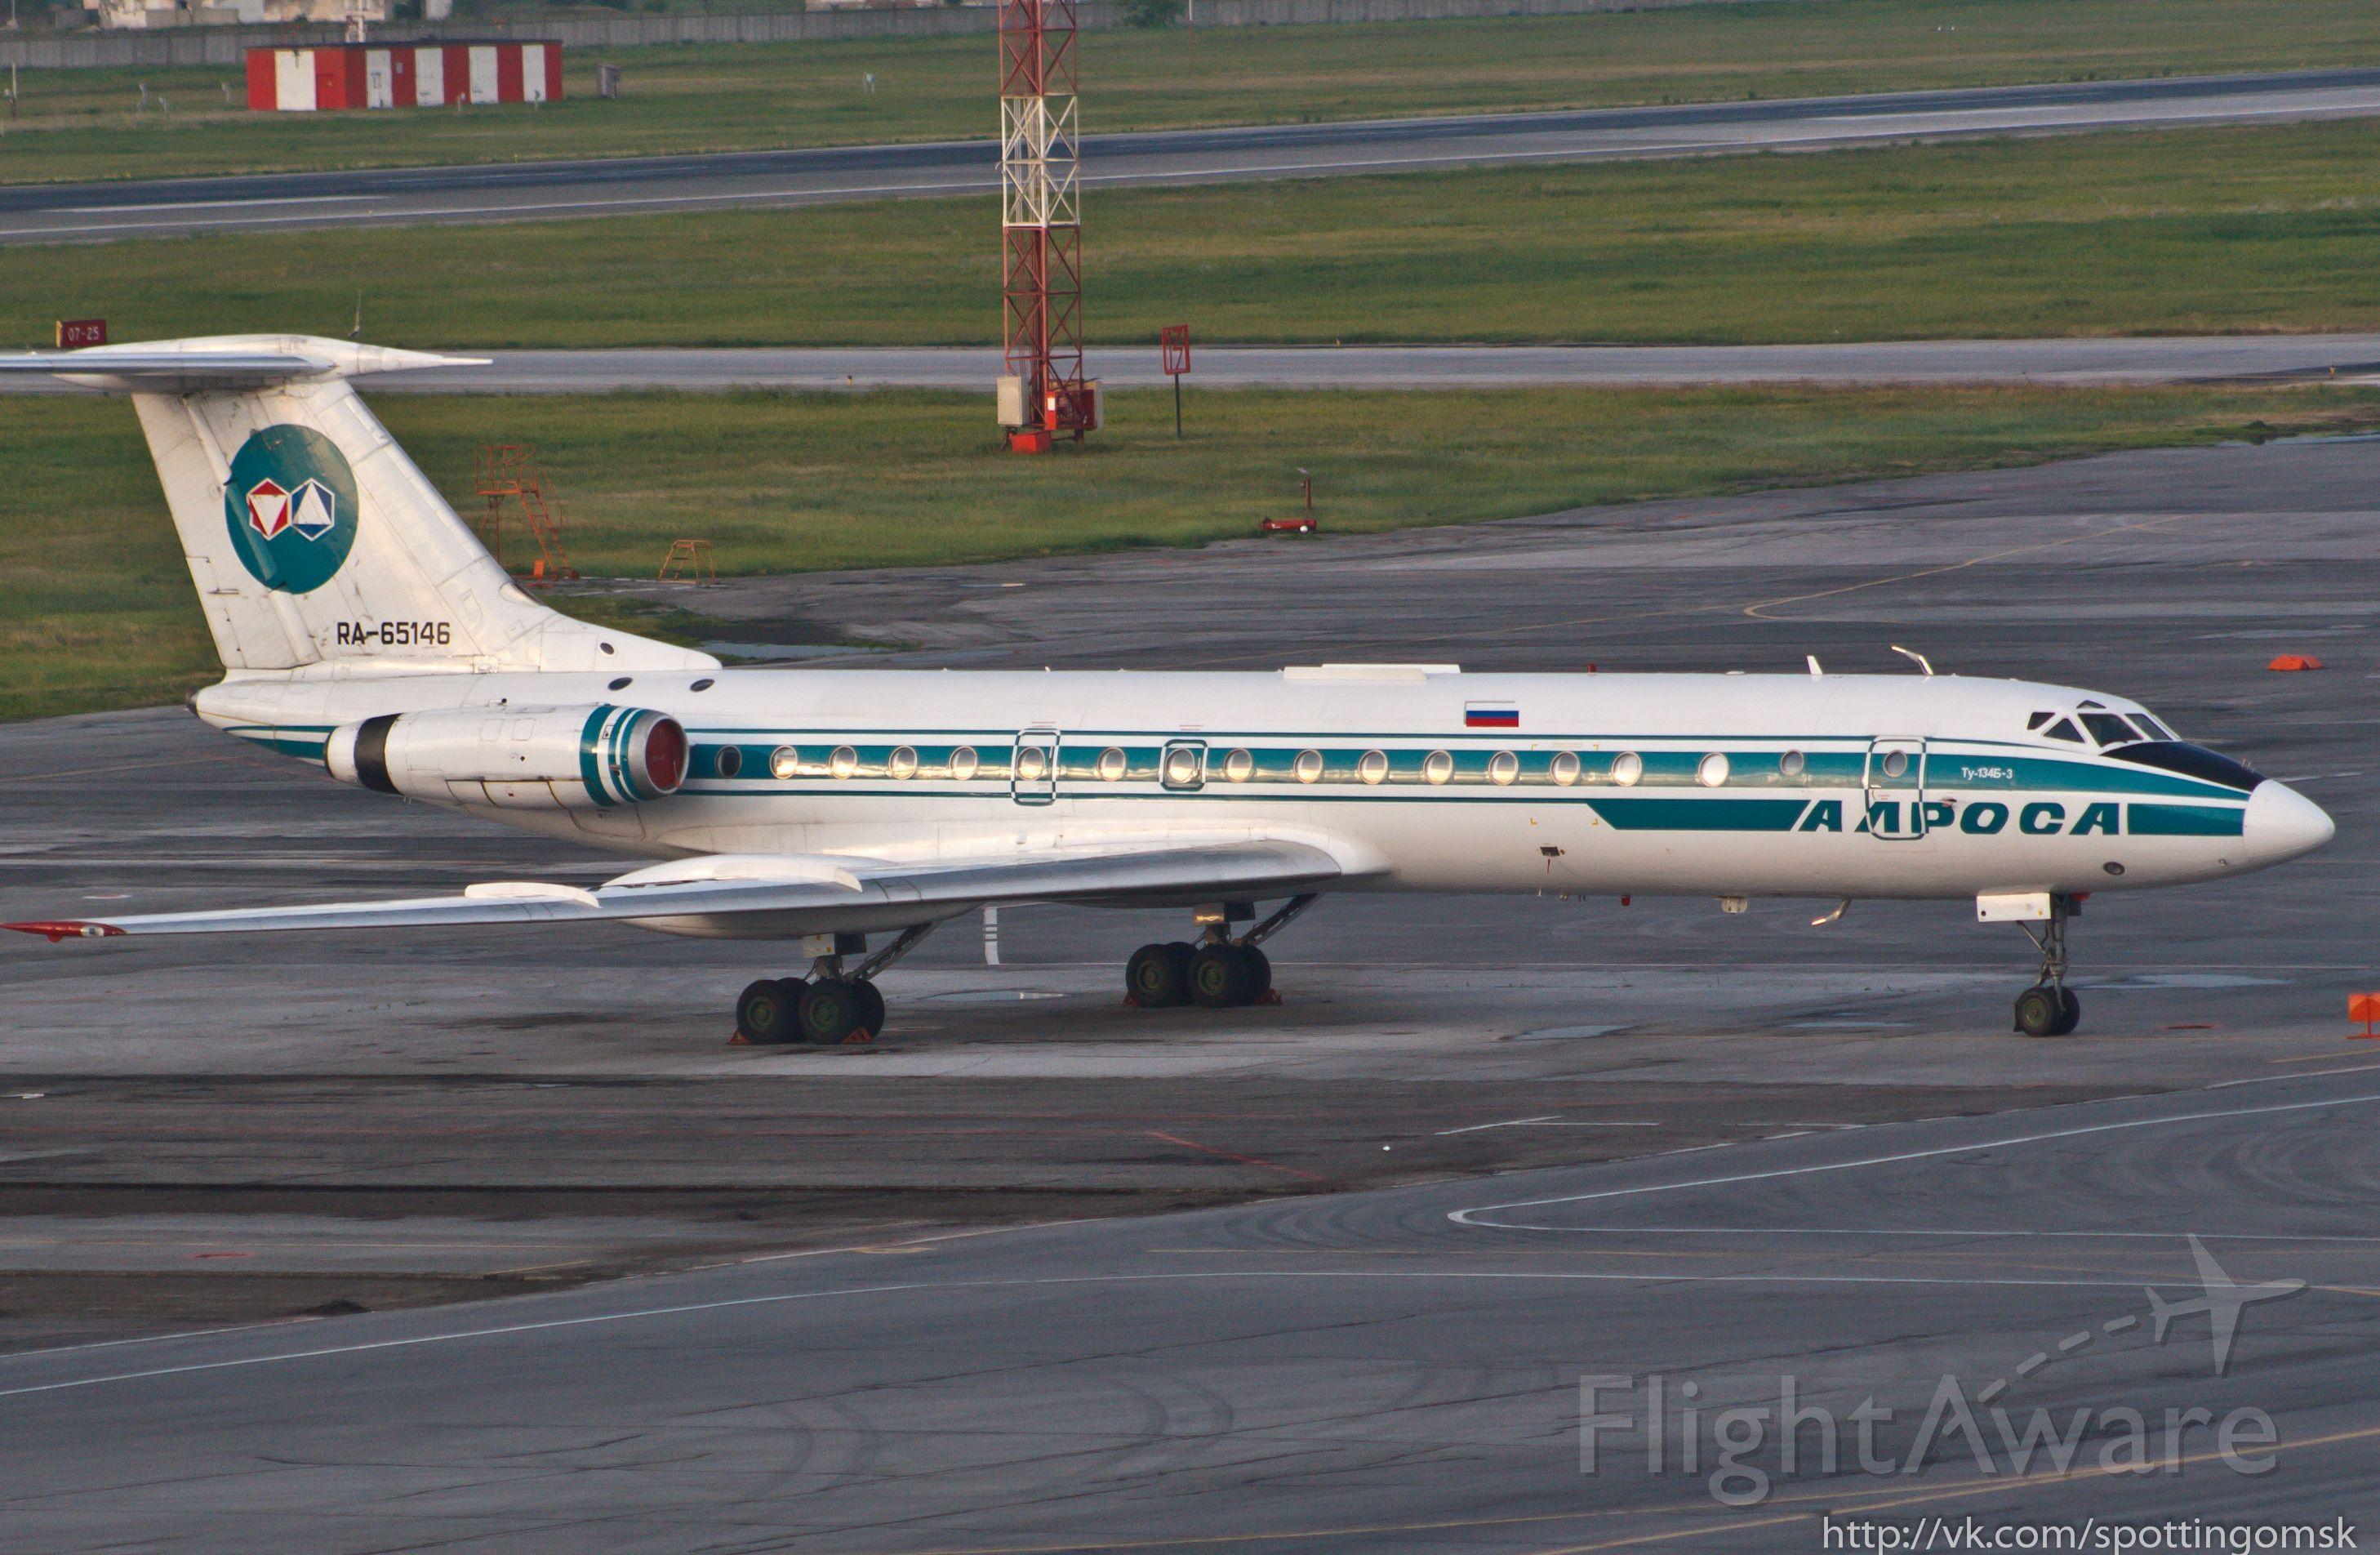 Tupolev Tu-134 (RA-65146)